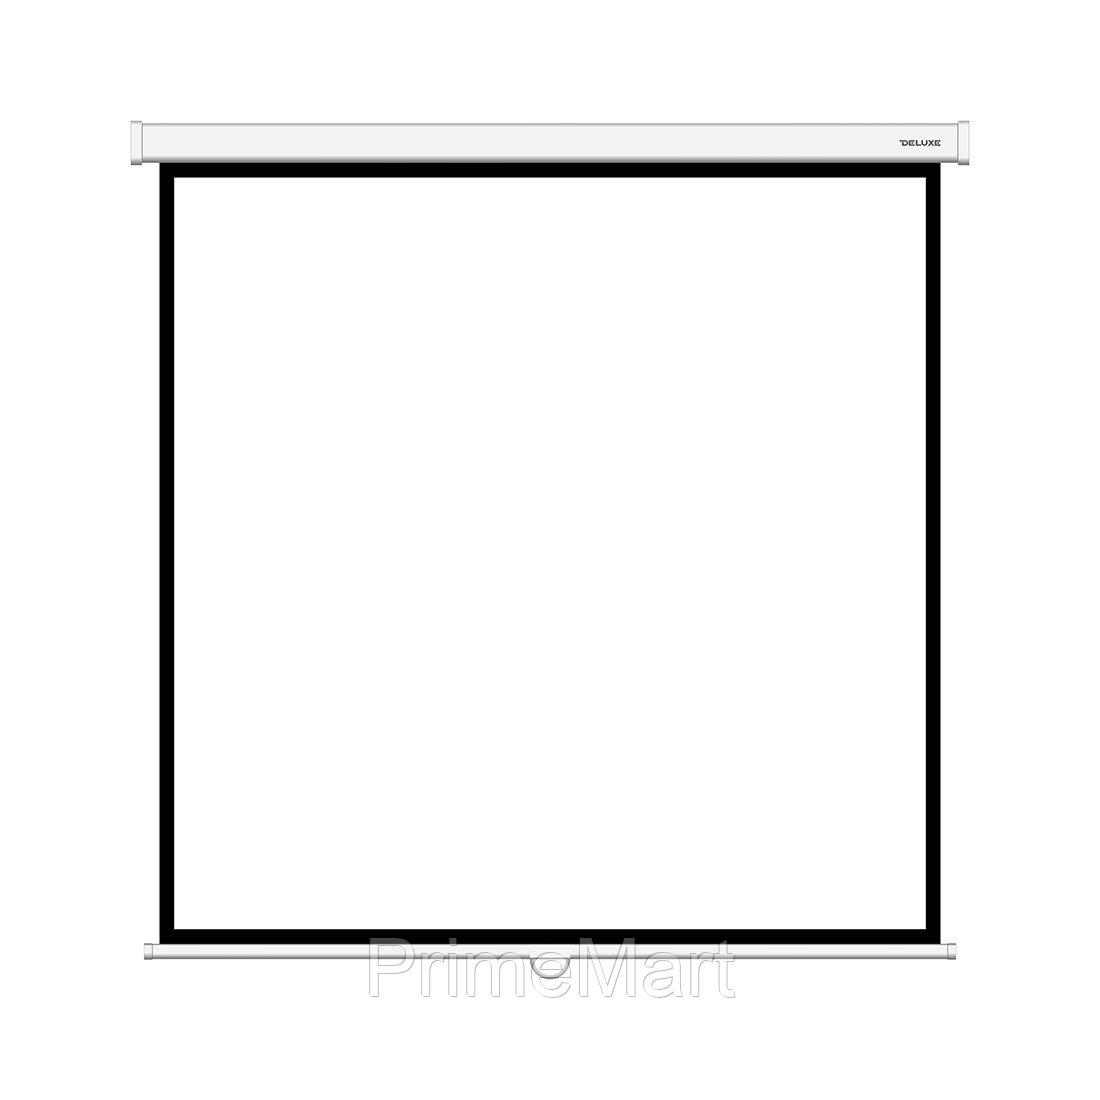 Экран механический, Deluxe, Настенный/потолочный, Рабочая поверхность 172x172, 1:1, Matt white, Белый